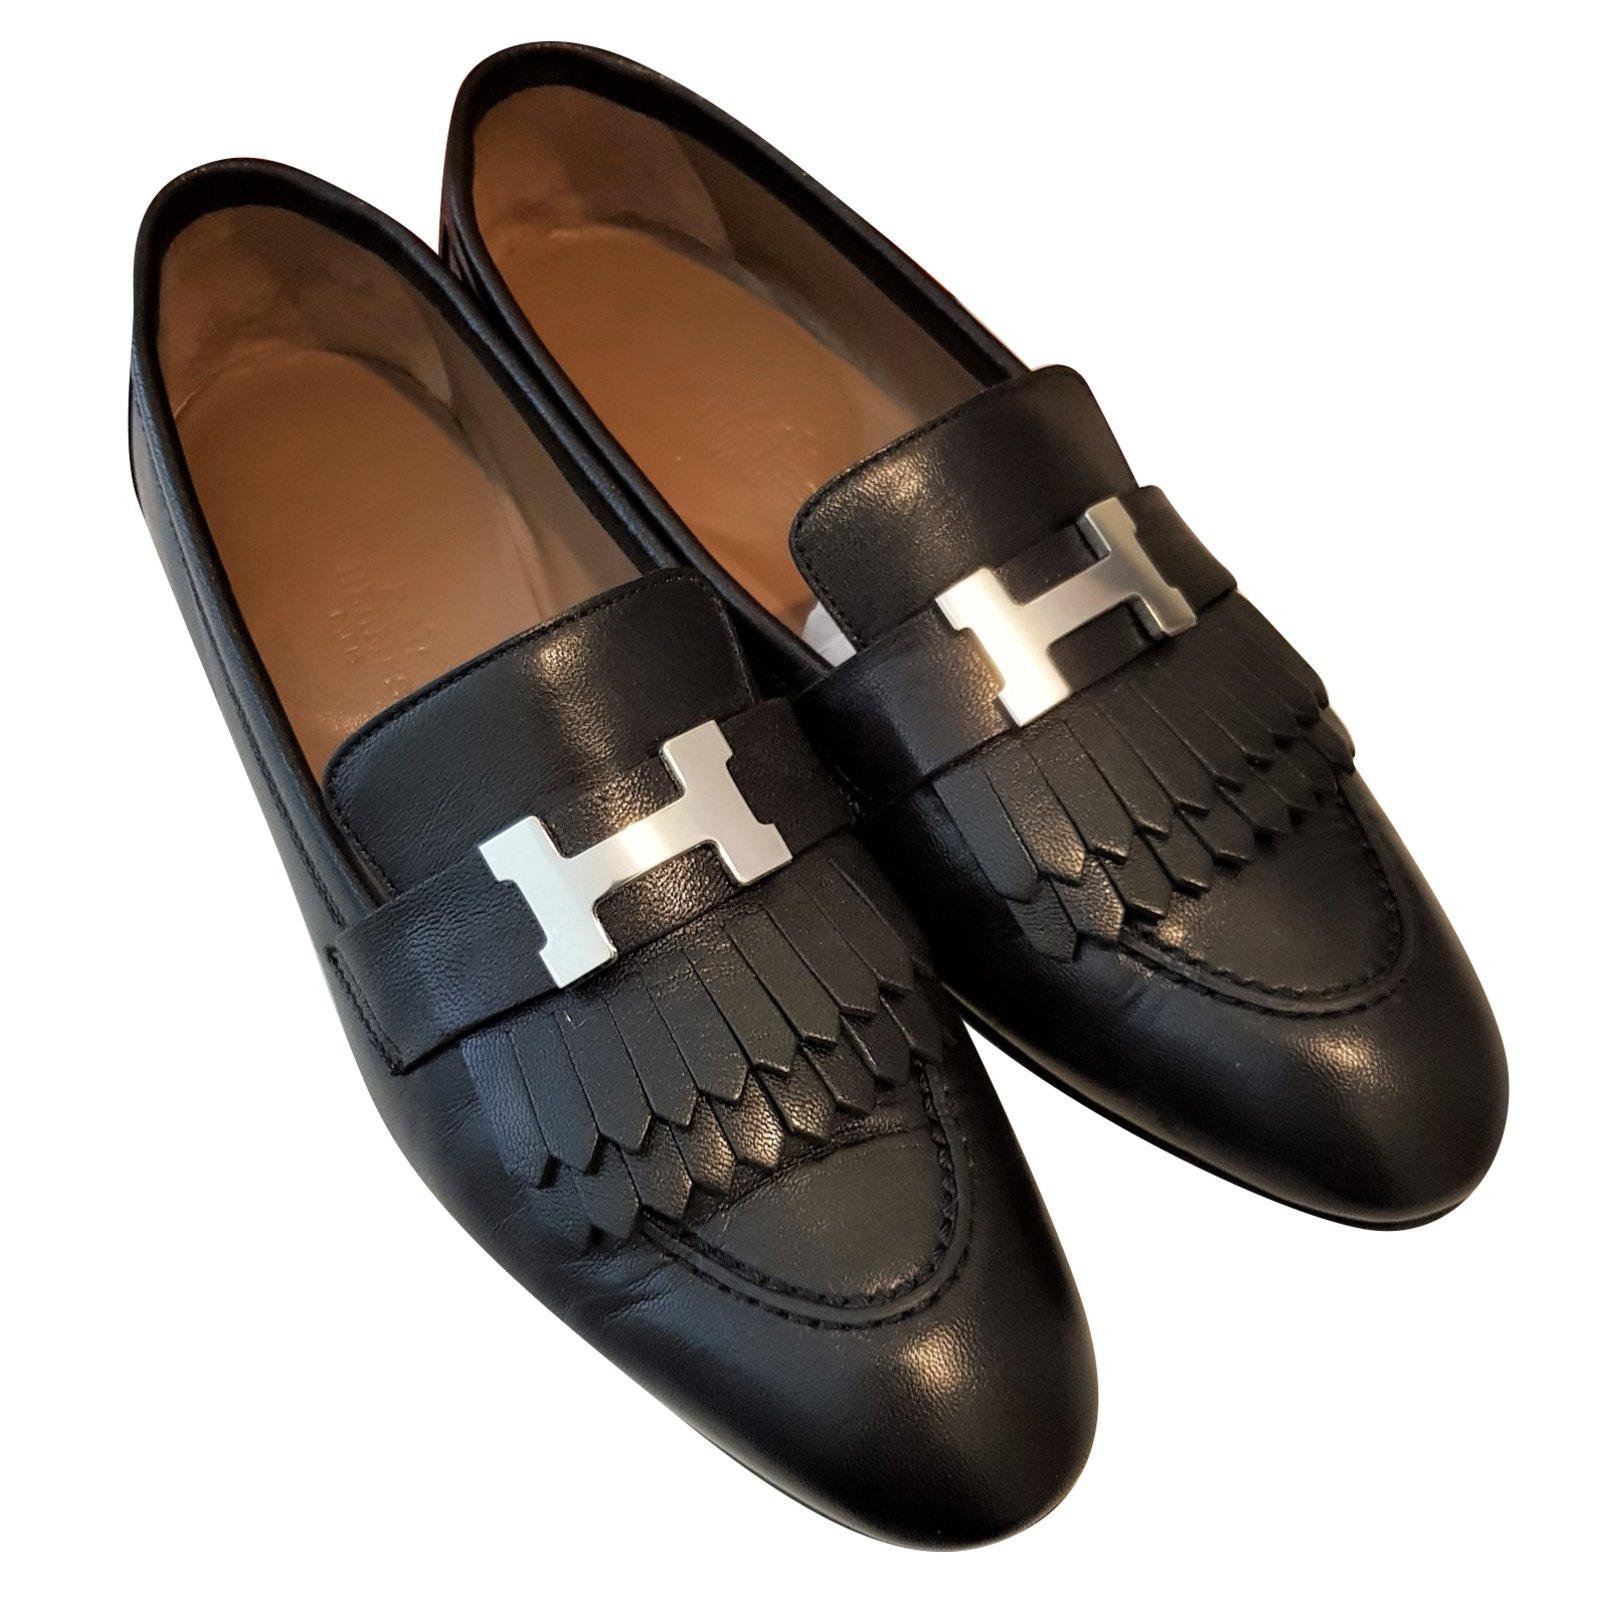 Hermès Black Rivoli Leather shoes Flats